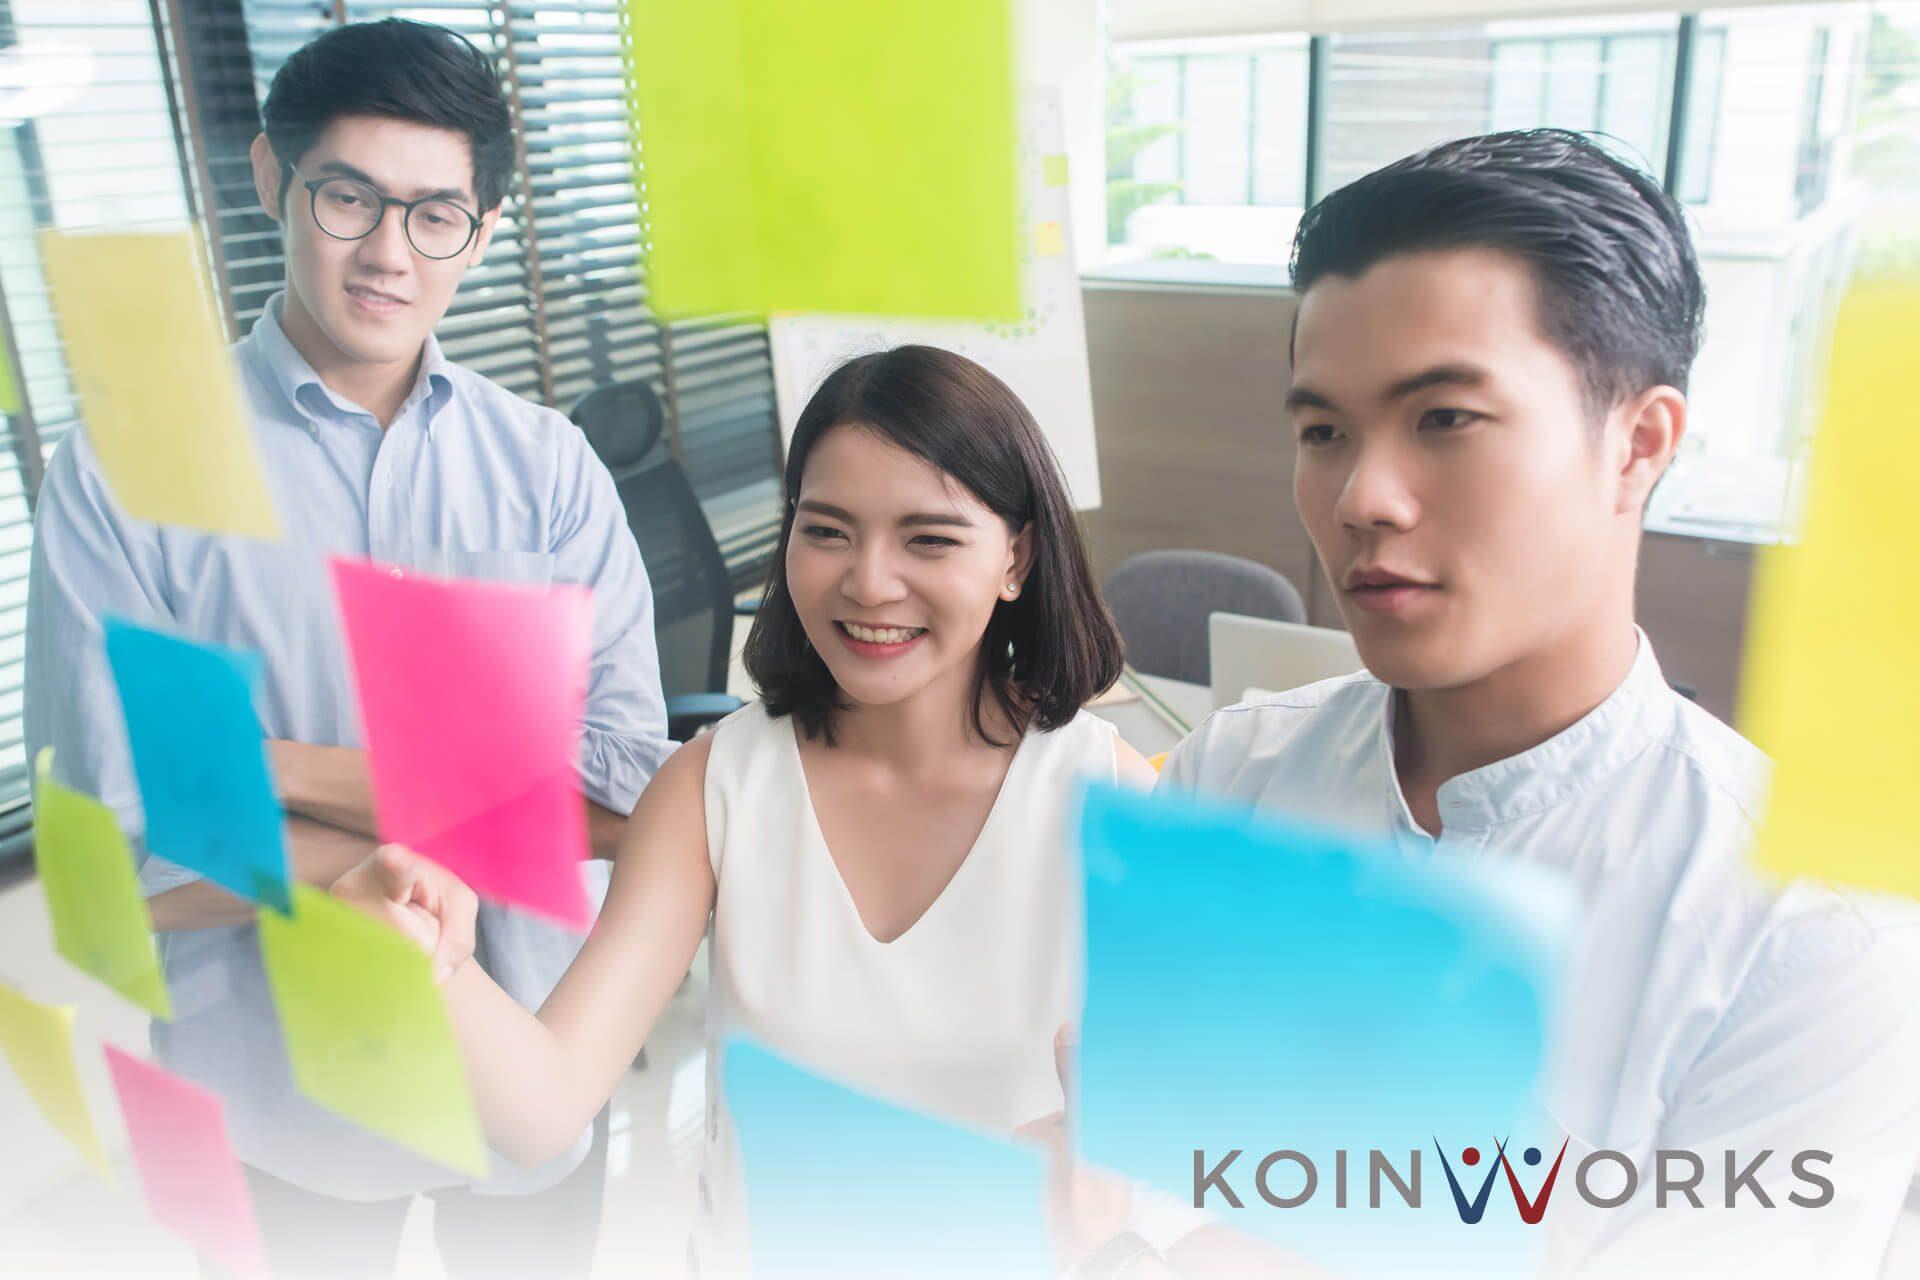 konten - kolaborasi karyawan - kantor (5) - 7 Alasan Penting Mengapa Anda Harus Selalu Mengembangkan Diri - 5 Alasan Introvert Bisa Menjadi Pemimpin Bisnis yang Luar Biasa - Lakukan 5 Langkah Ini untuk Mengembangkan Keterampilan Analitis